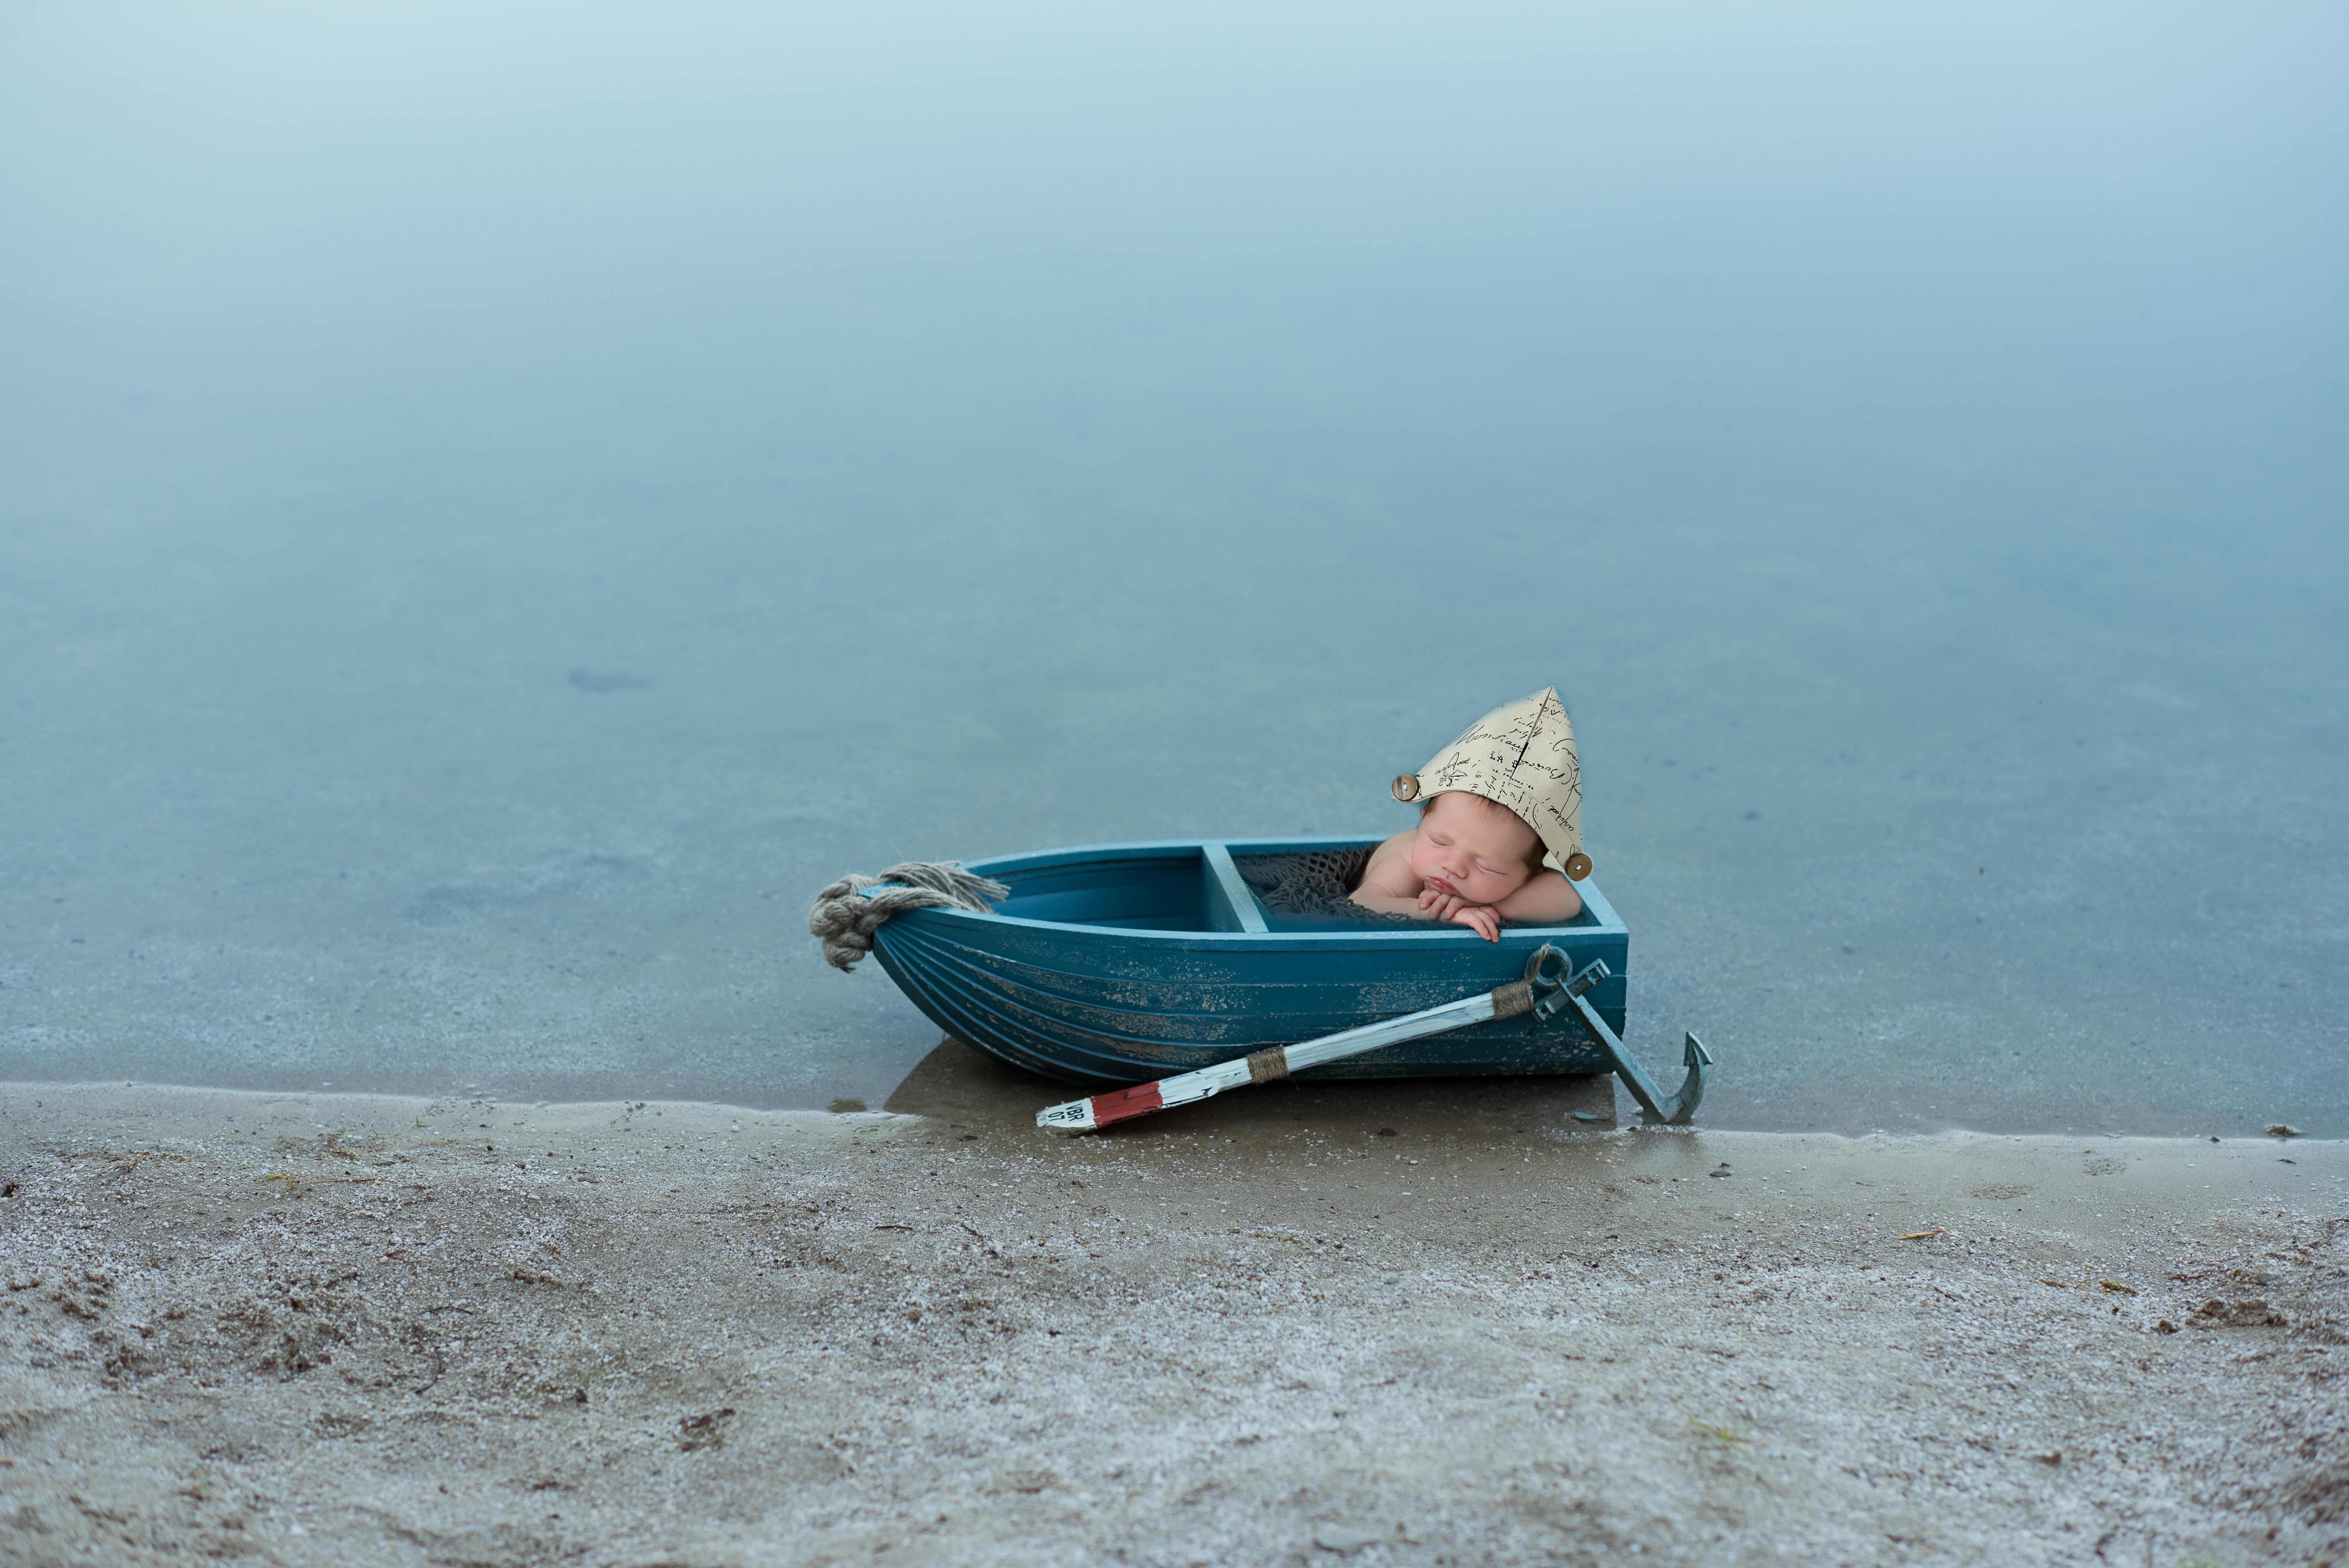 newborn in a boat